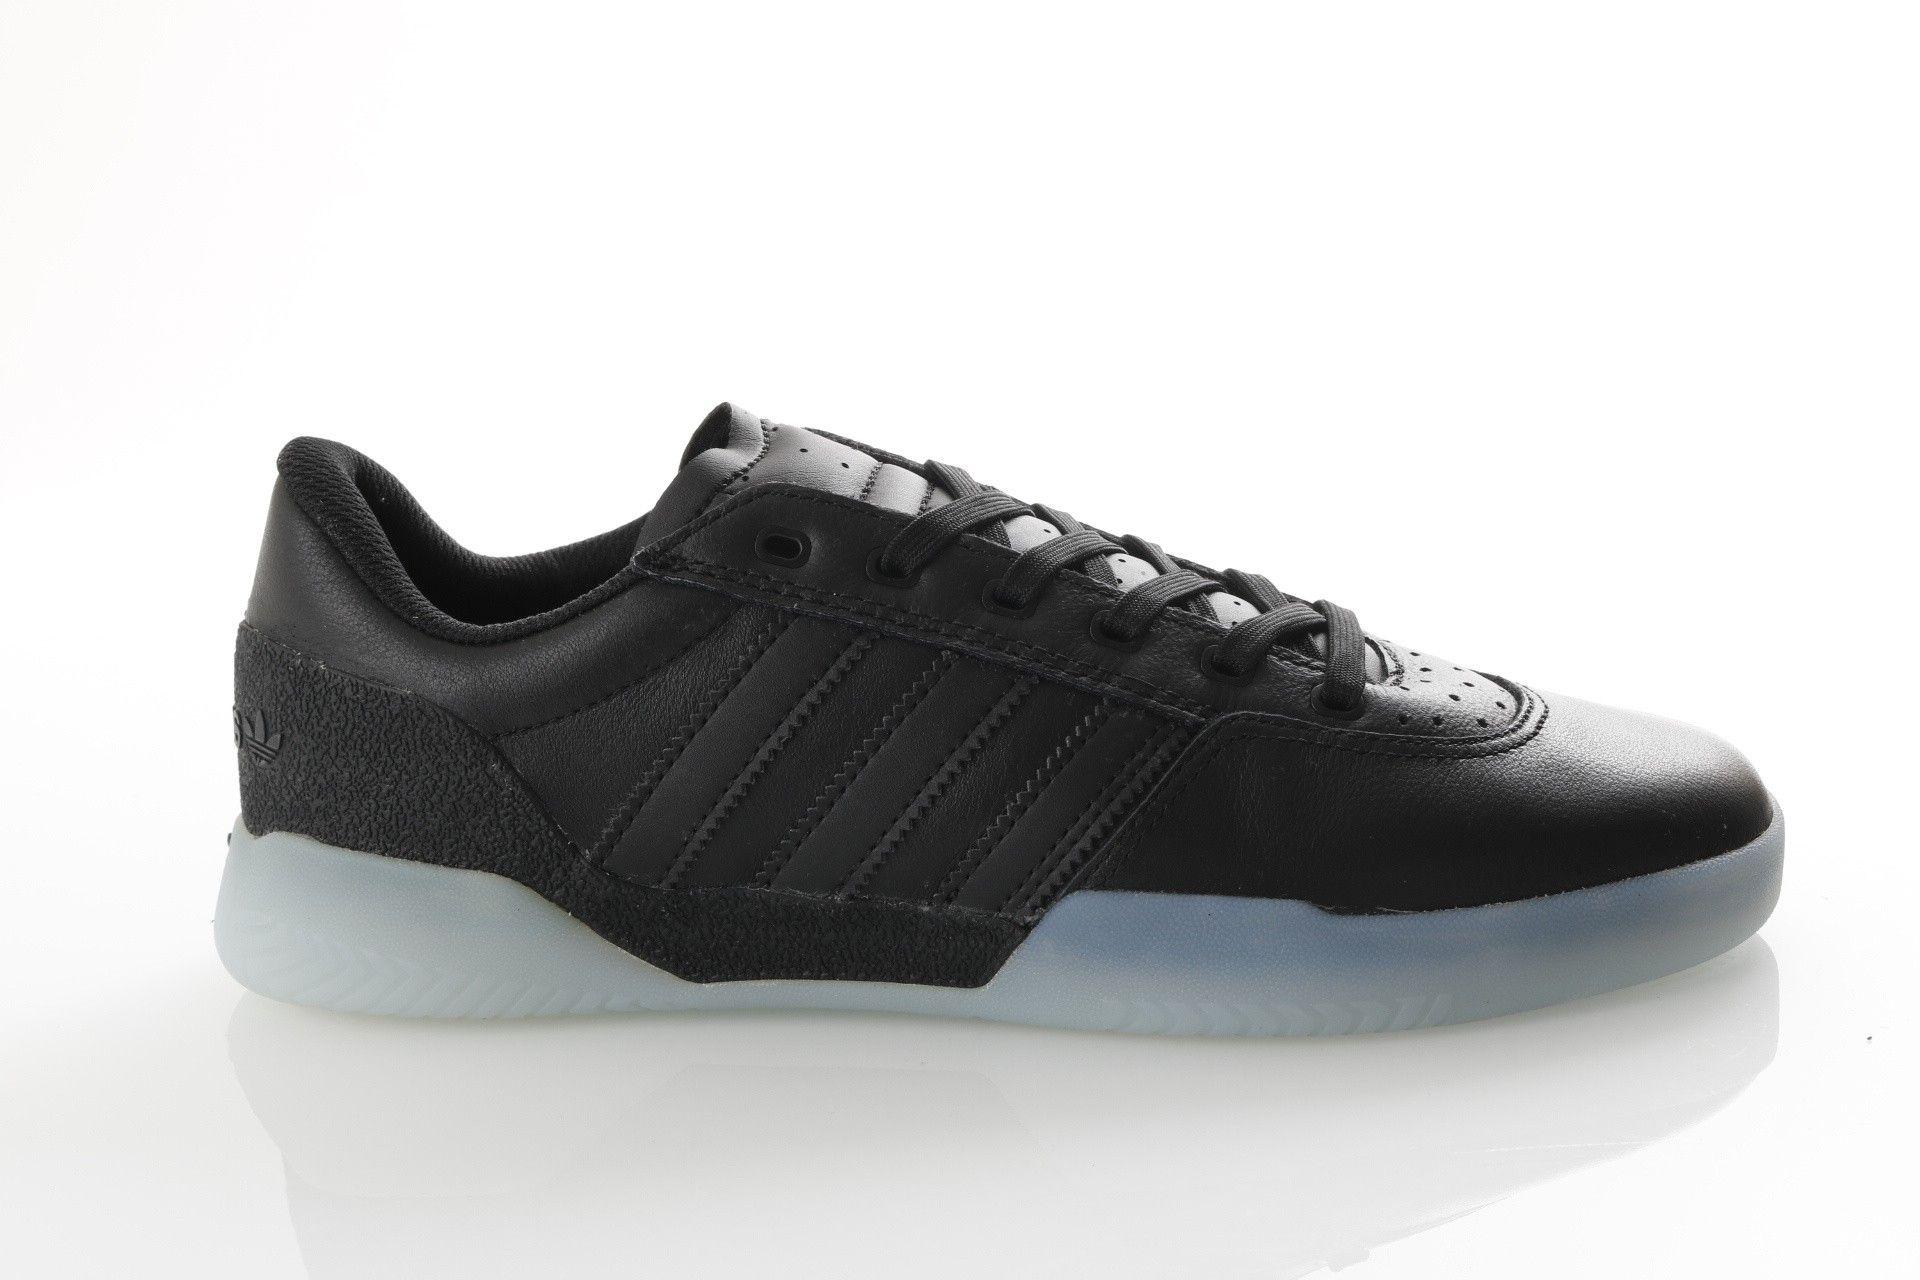 Afbeelding van Adidas City Cup Db3076 Sneakers Core Black/Core Black/Clear Sky